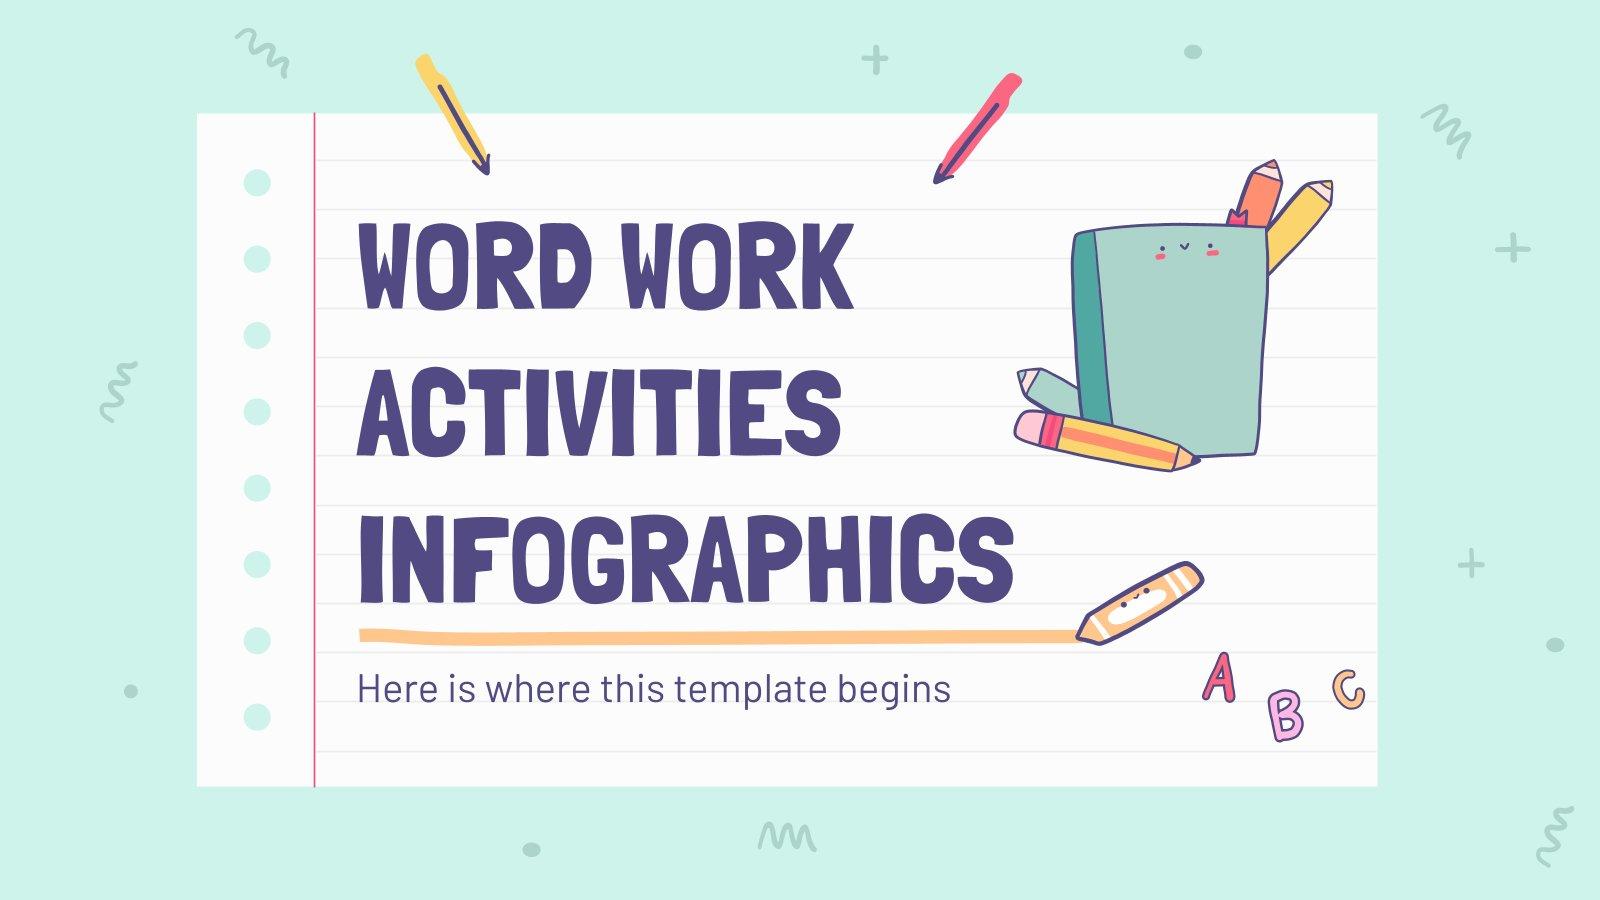 Modelo de apresentação Infográficos de atividades de vocabulário